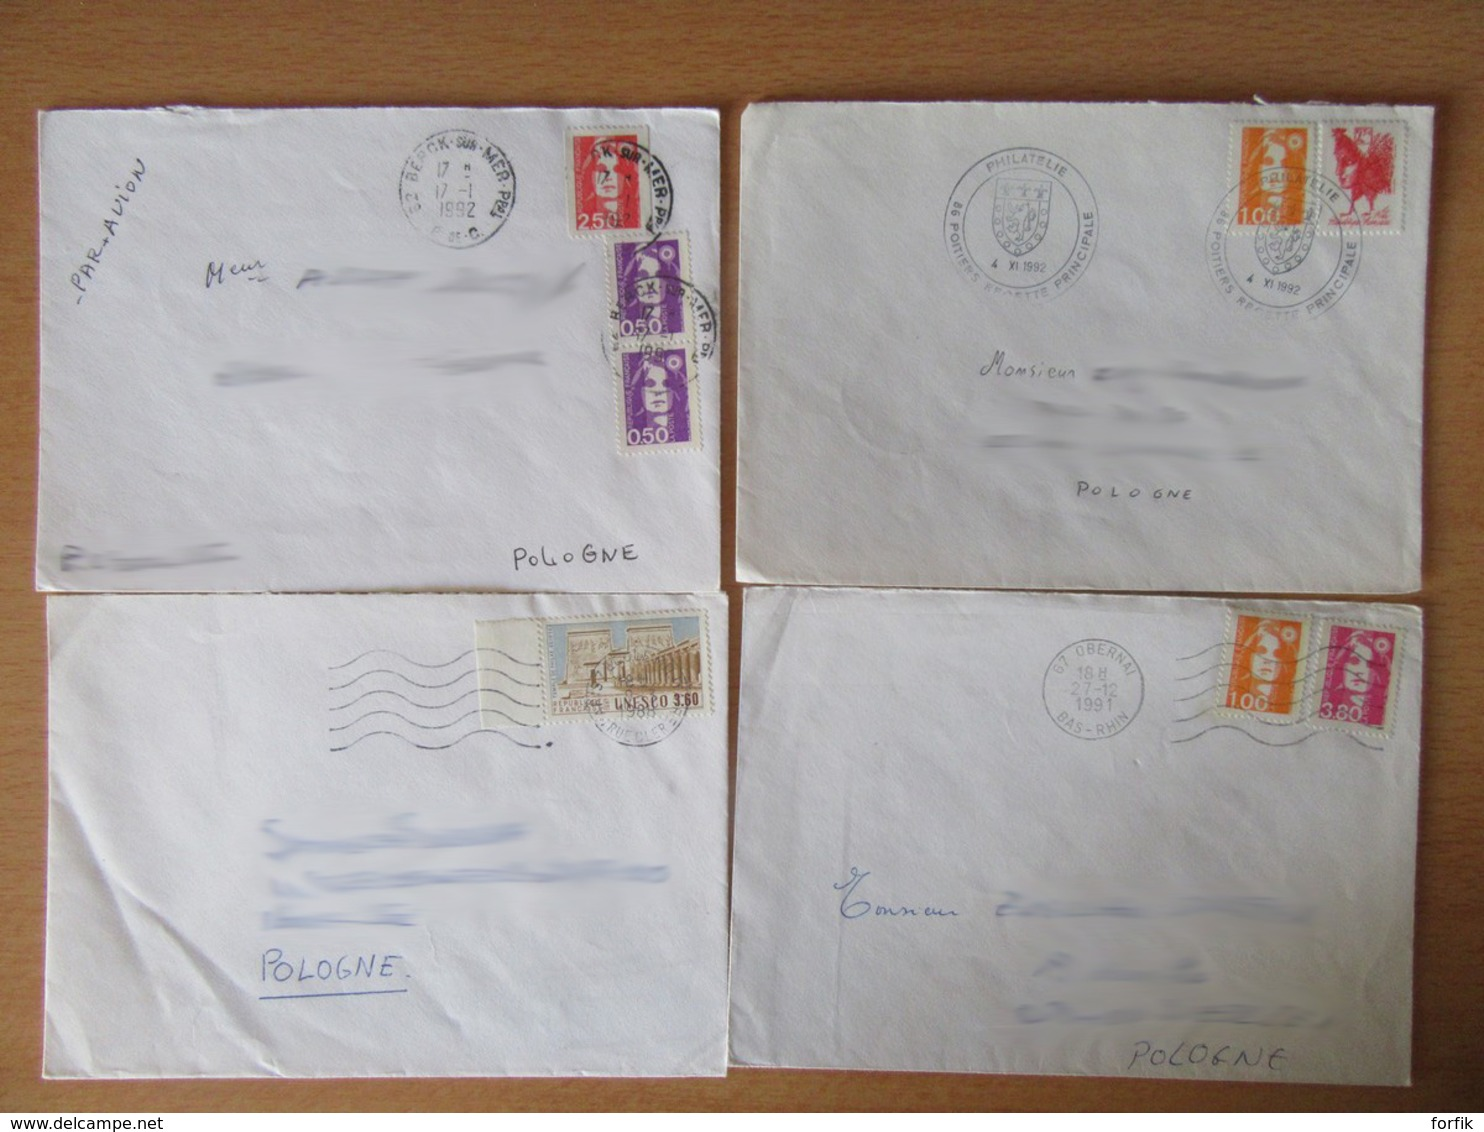 France Vers Pologne - 11 Enveloppes Timbrées Modernes - Bons Affranchissements Et Timbres Variés - Collections